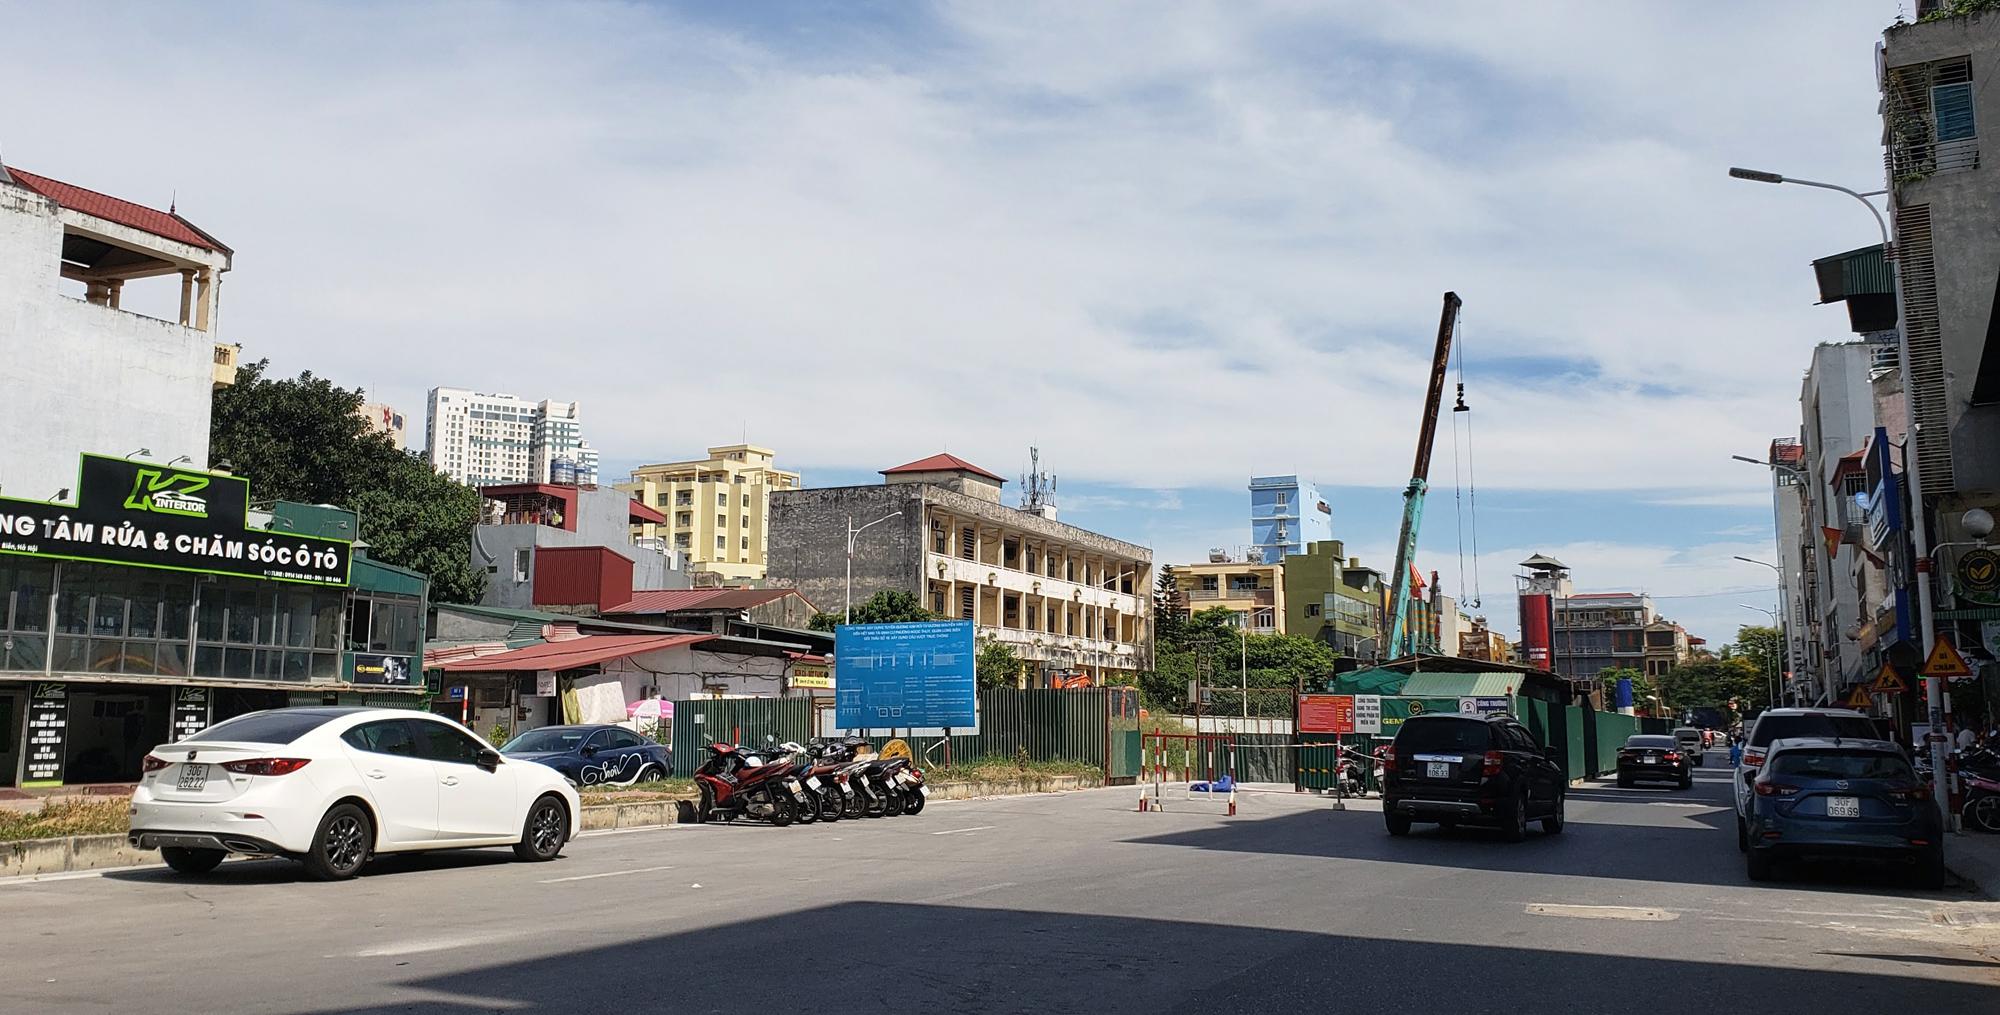 Đường ngàn tỉ nối Ngọc Thụy - Nguyễn Văn Cừ ở quận Long Biên mới làm được vài trăm mét - Ảnh 16.